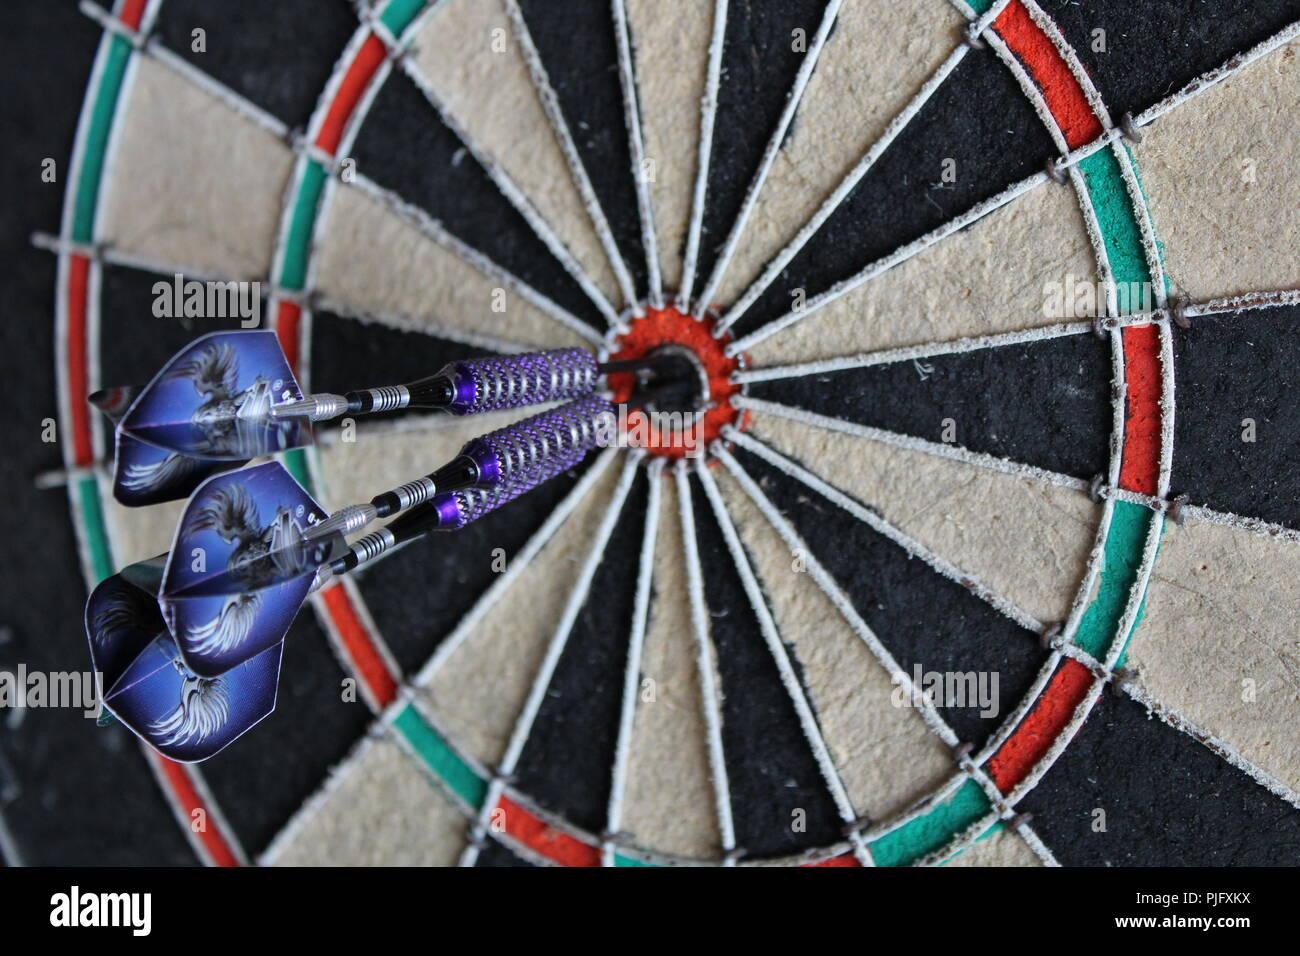 dart board with three darts in the bullseye closeup - Stock Image